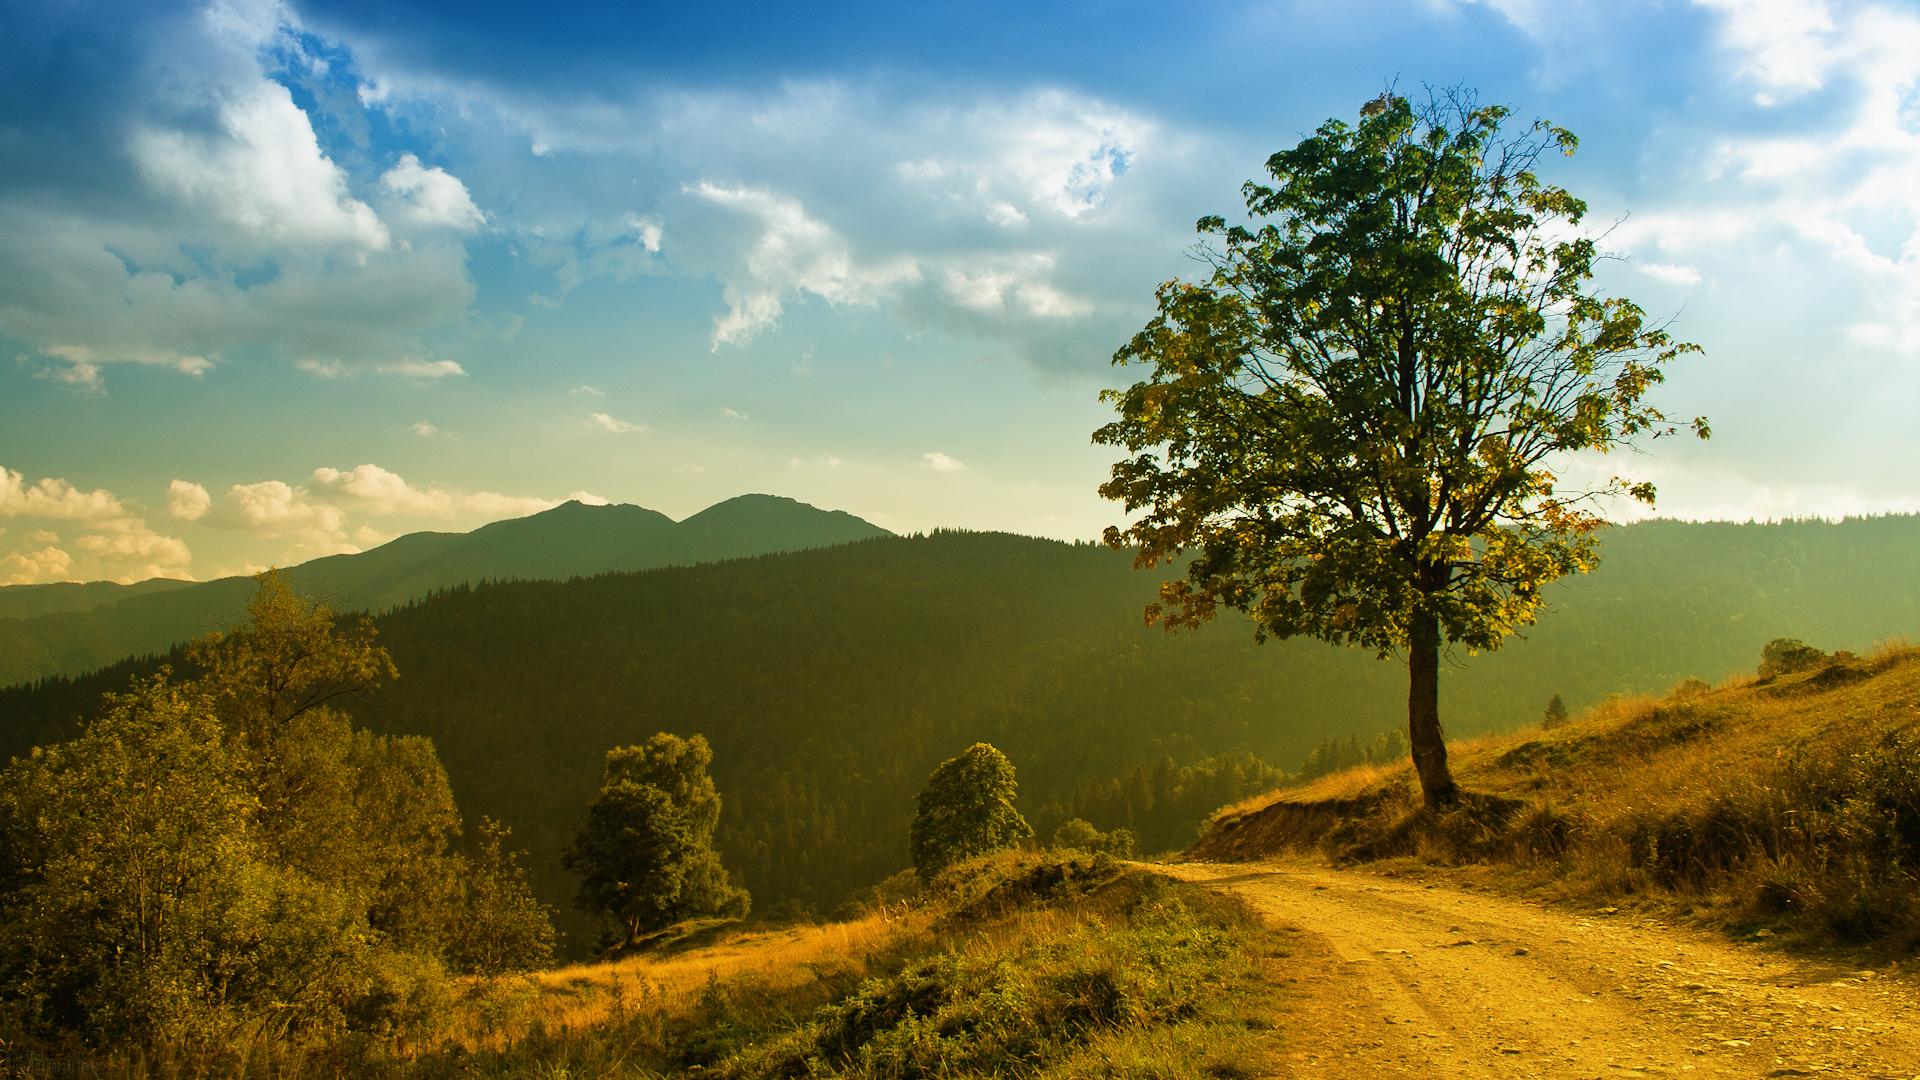 природа горы облака трава в хорошем качестве